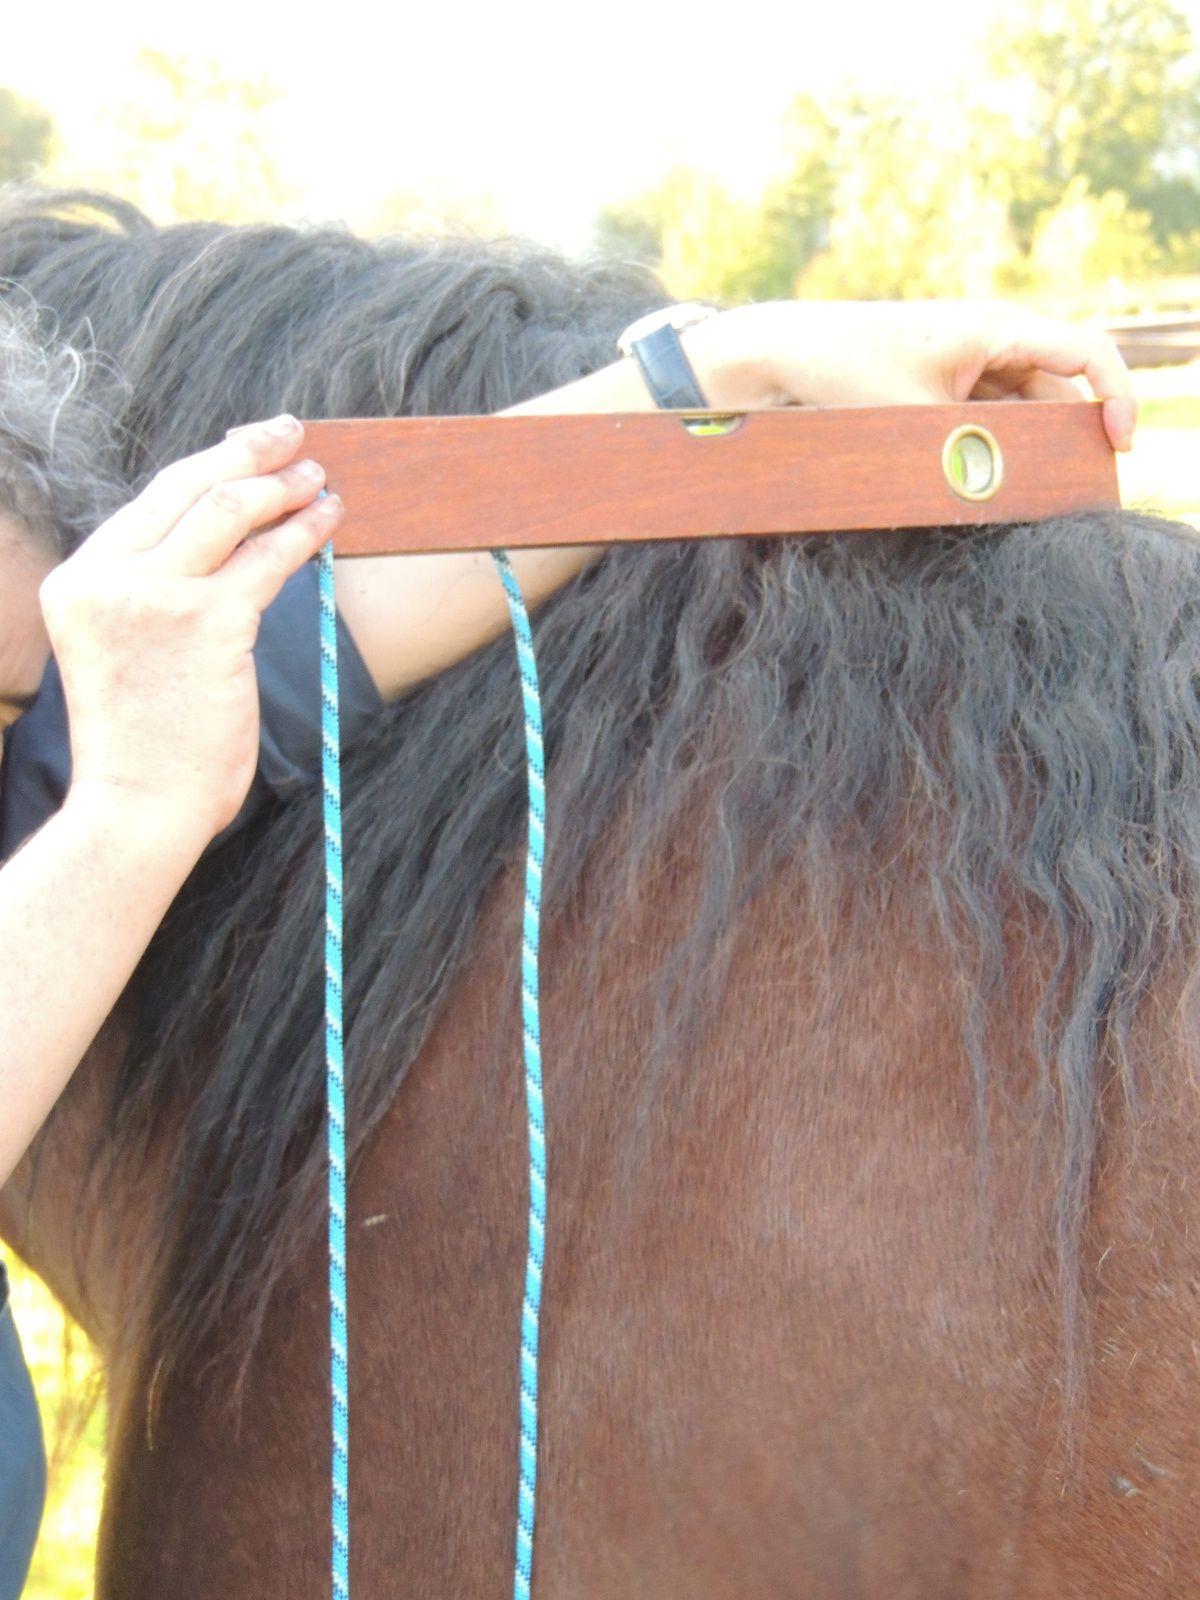 Prise de la mesure de la hauteur au garrot sur un cheval comtois. Techniques d'élevage 2014. Image soumise à droits d'auteur